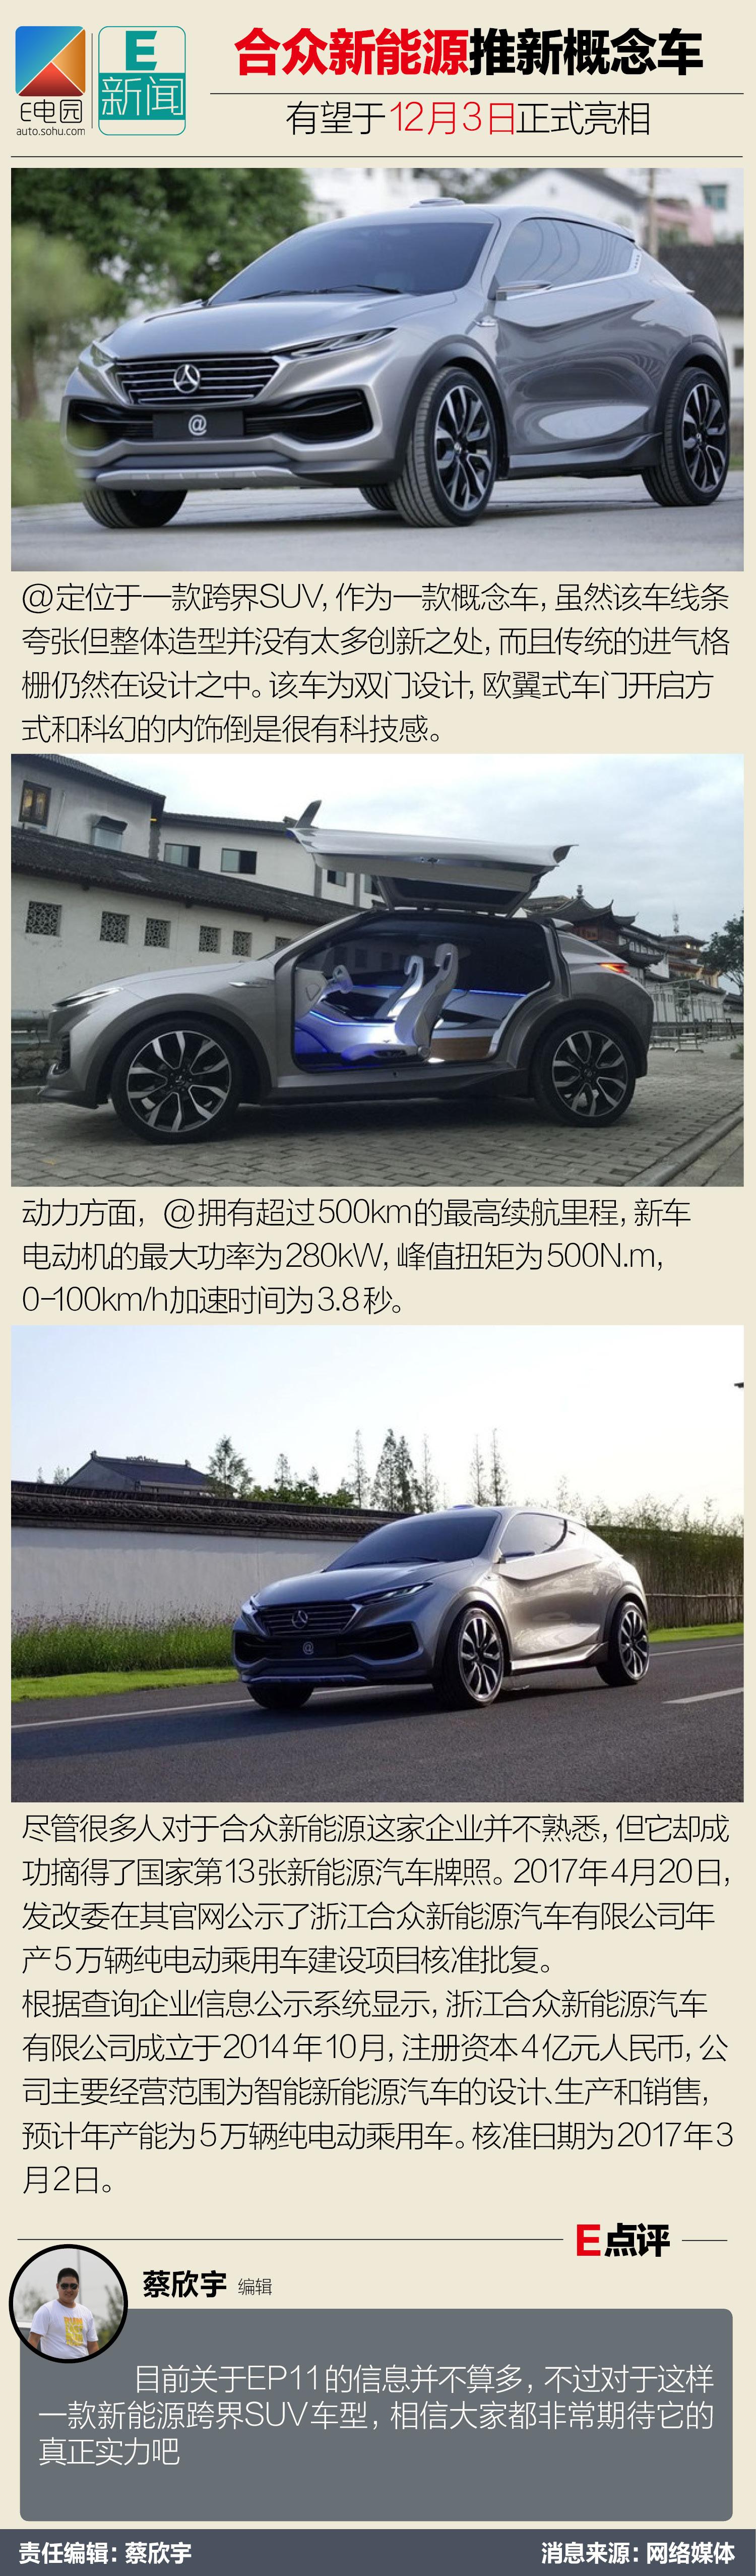 合众新能源推新概念车 有望于12月3日正式亮相(第1页) -